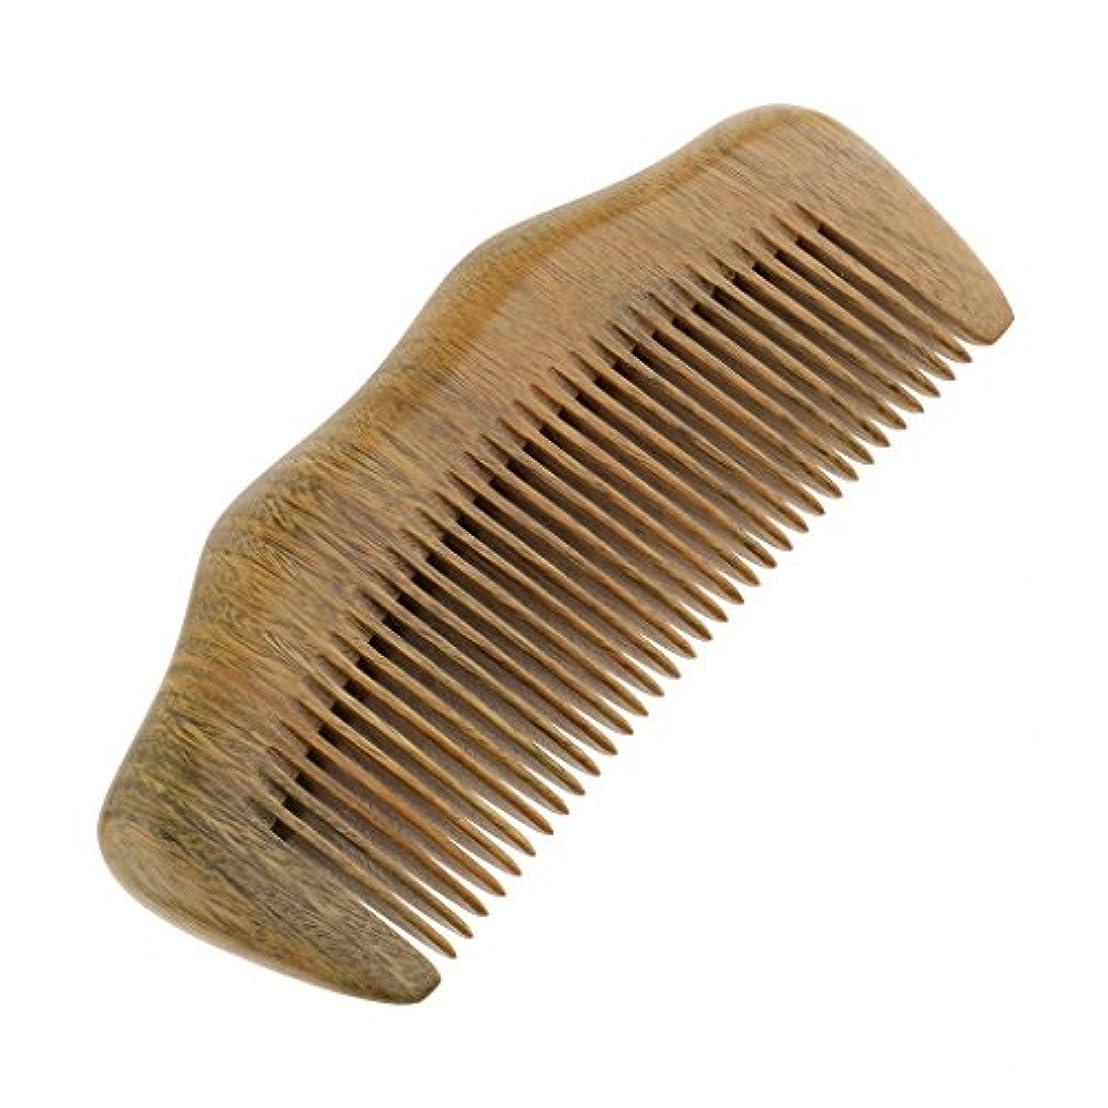 きつくチャンピオンシップよろしくSM SunniMix コーム 木製櫛 リングコーム ヘアブラシ 静電気防止 ヘアケア 頭皮マッサージ 男女兼用